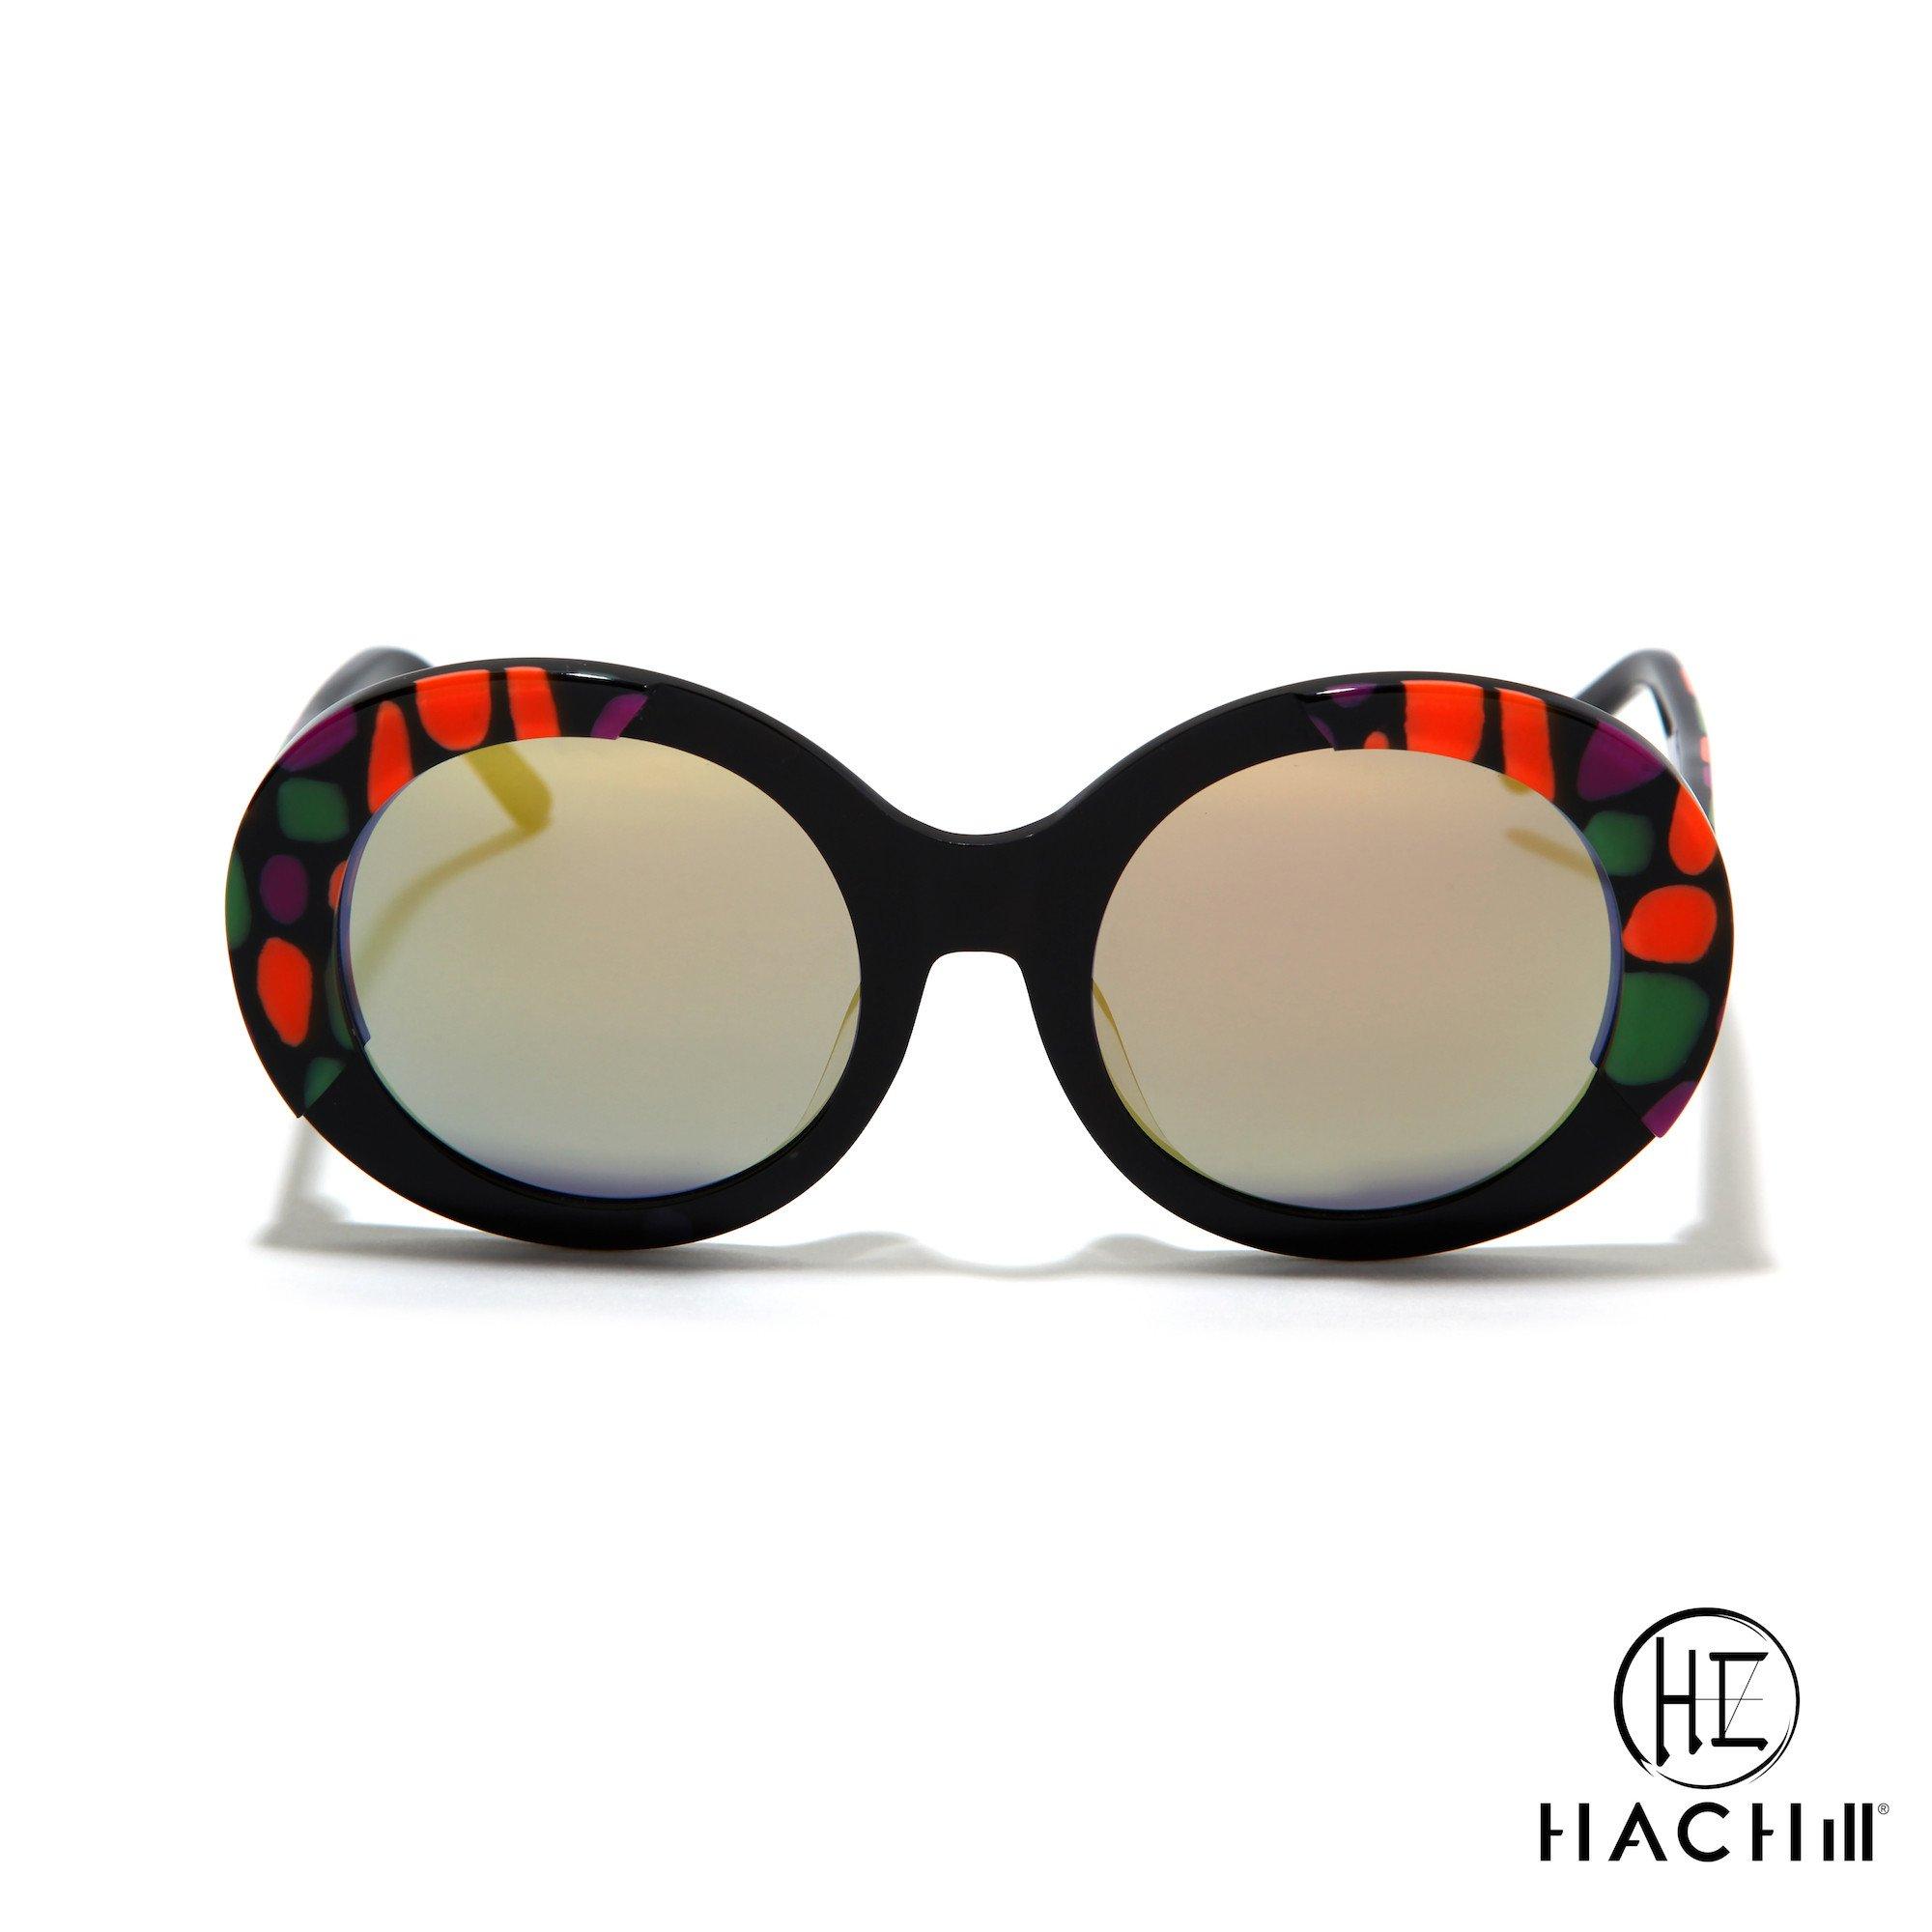 Hachill 太阳眼镜 HC8252S-C4 亮金色